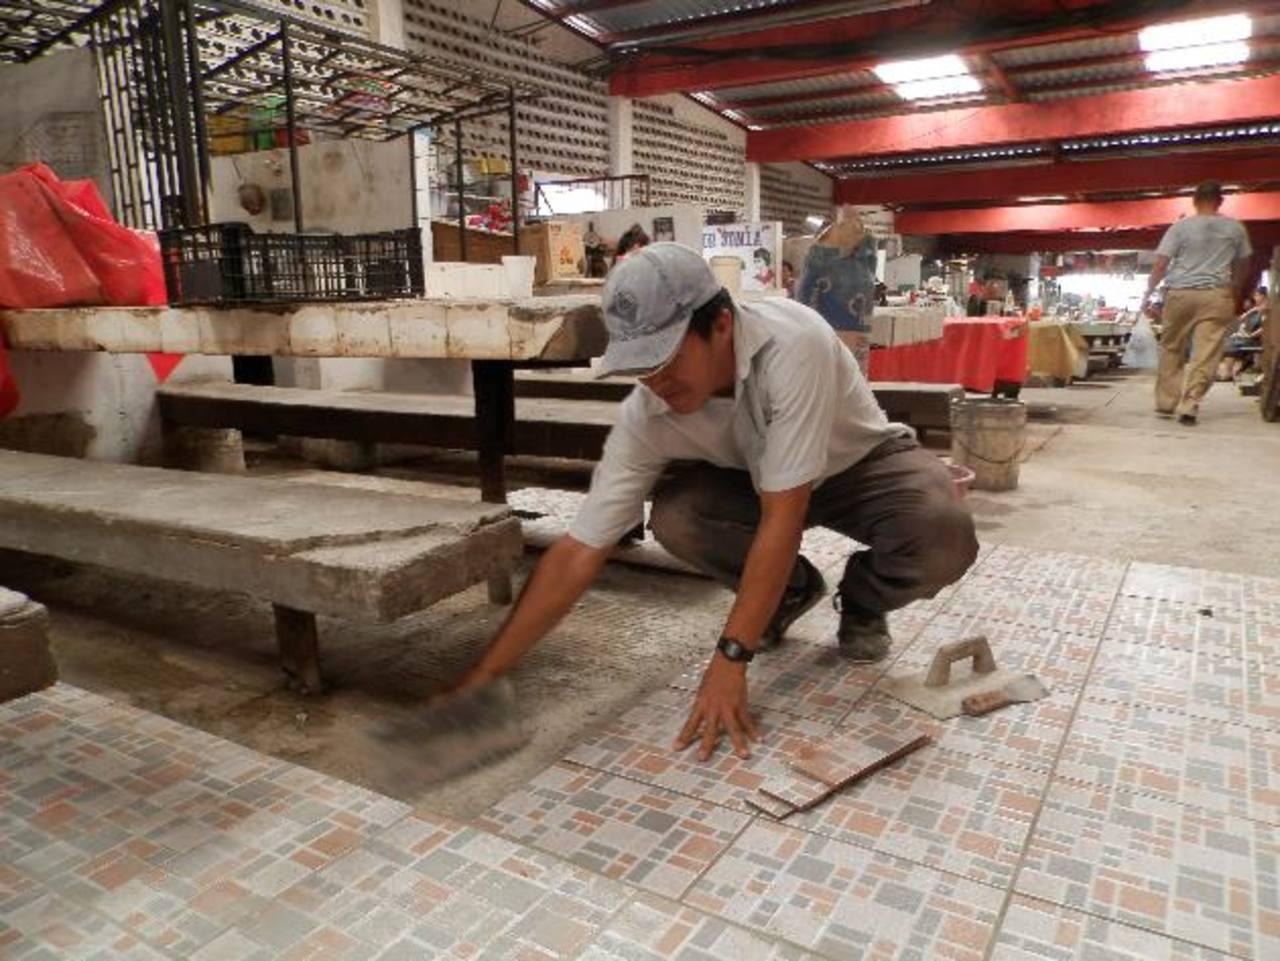 Los trabajos incluyen el cambio de piso y muchos vendedores y usuarios se muestran satisfechos. Foto EDH / Cristian Díaz